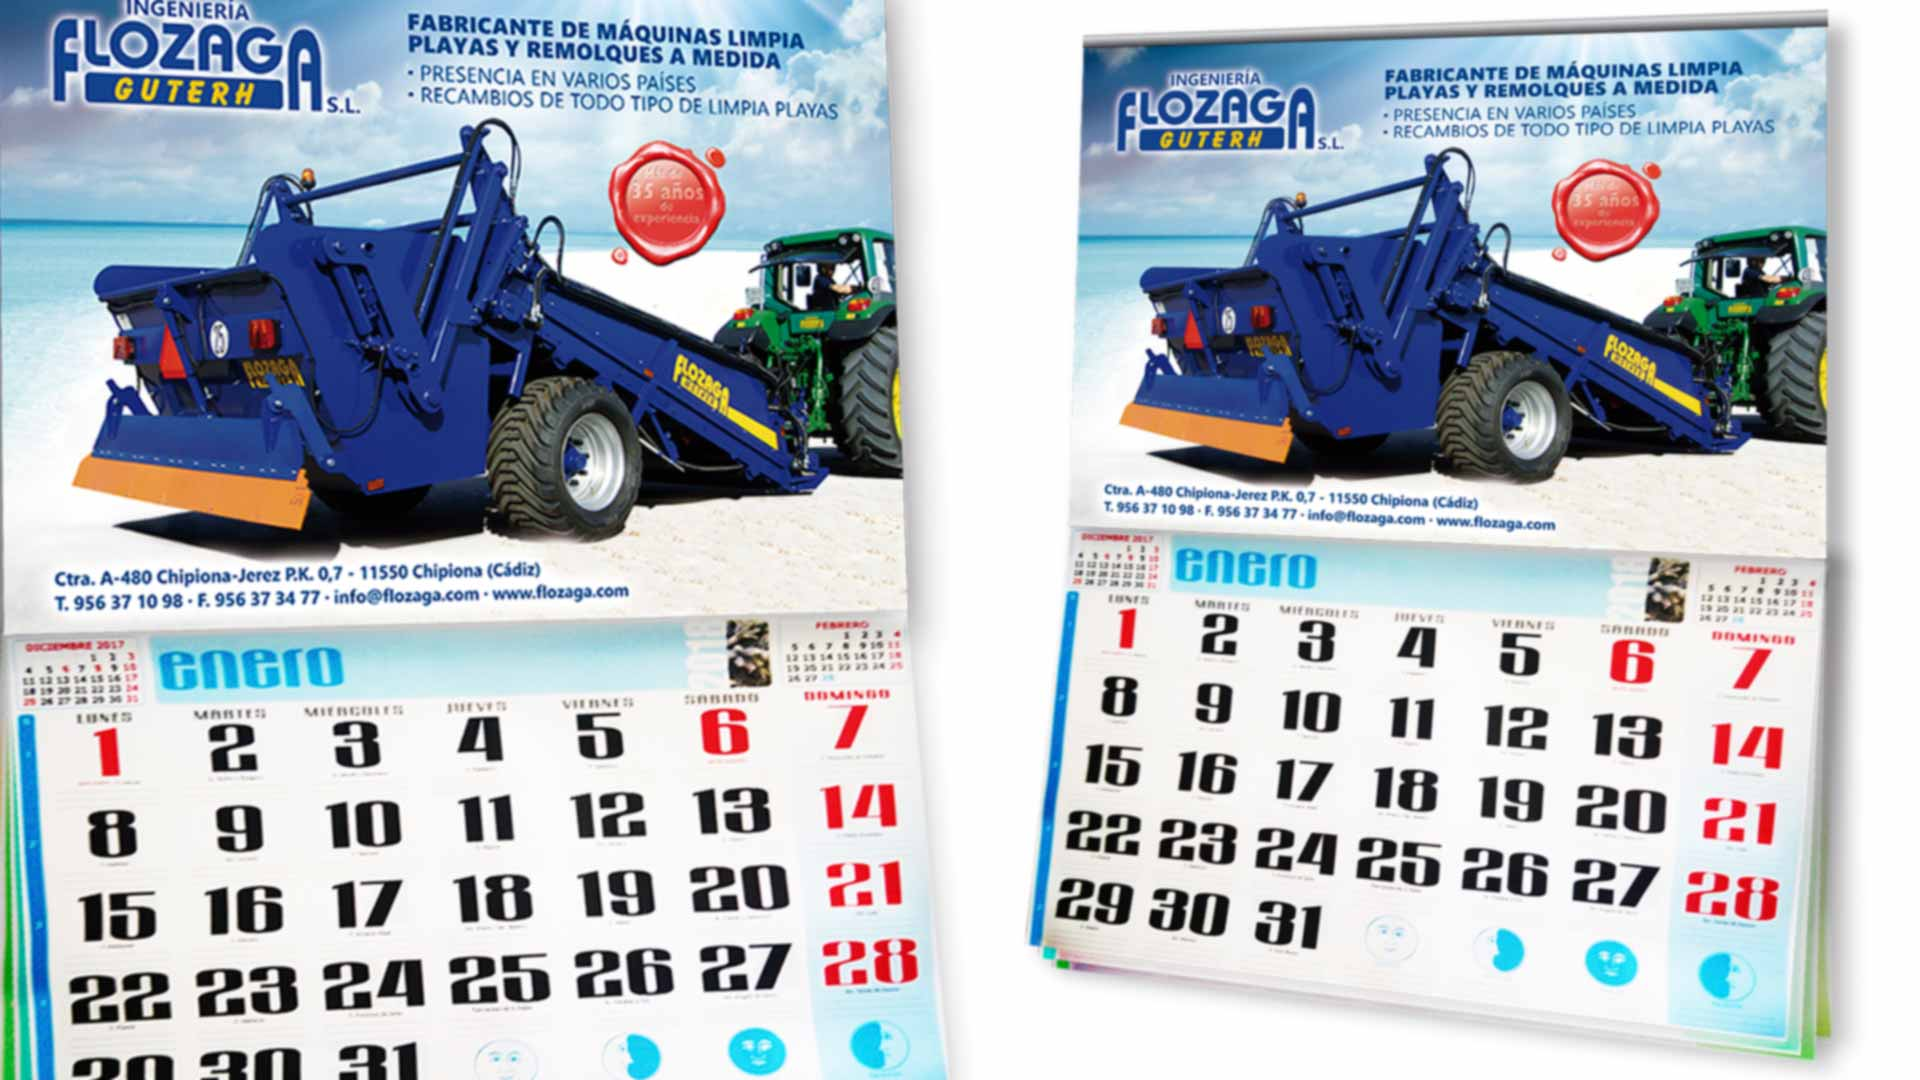 FLOZAGA GUTERH - Calendarios 2018